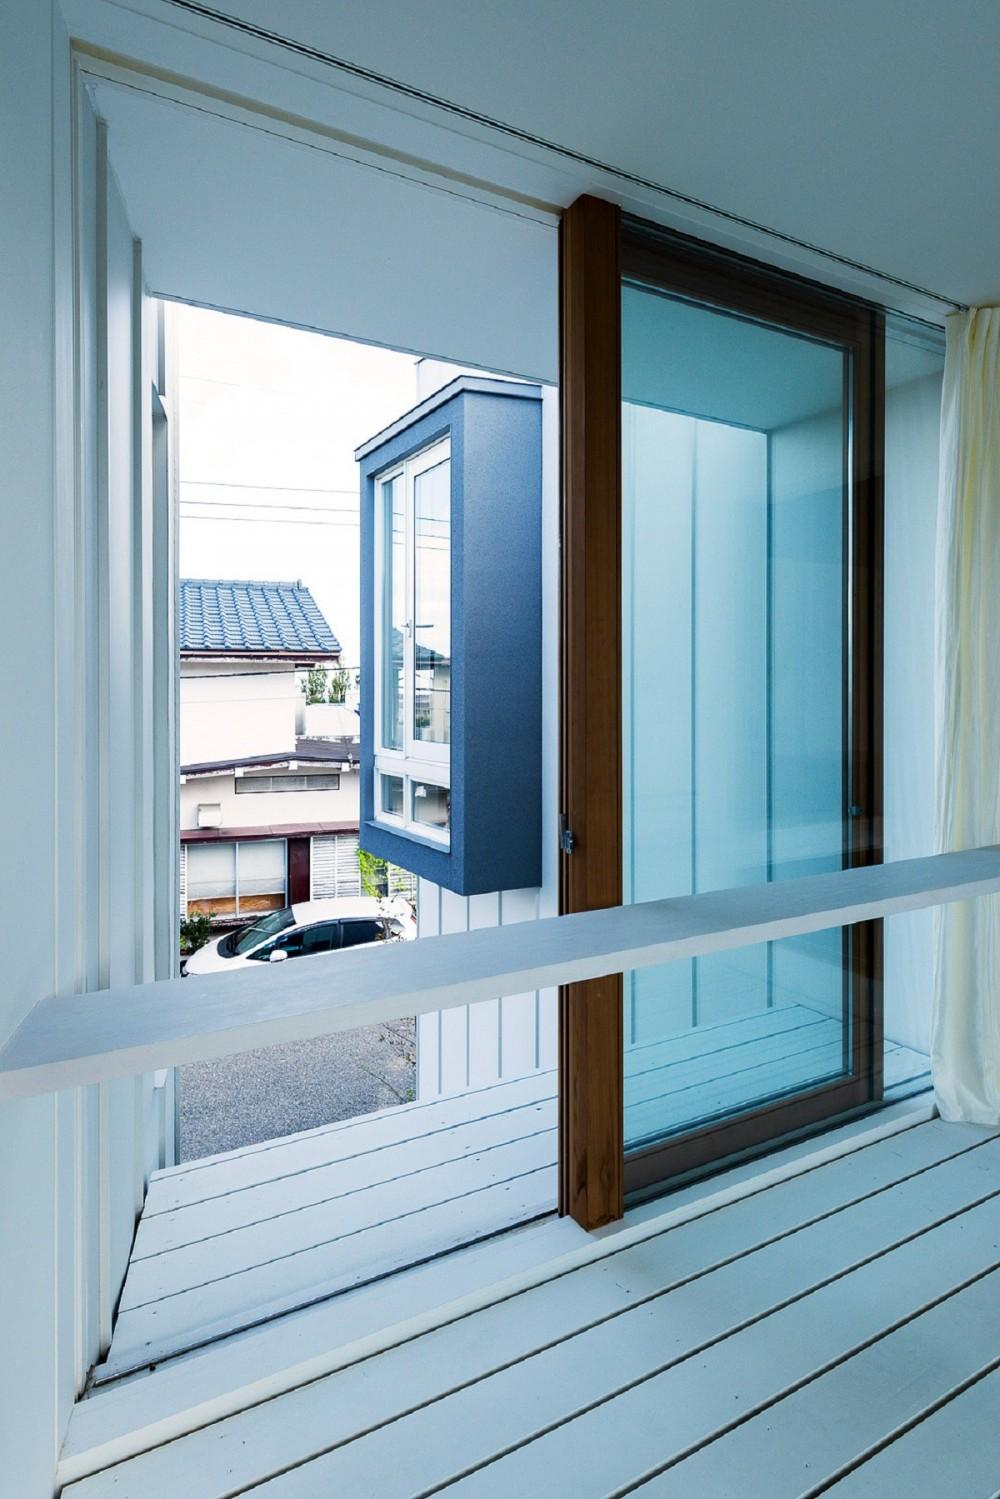 su house (窓・木製建具)